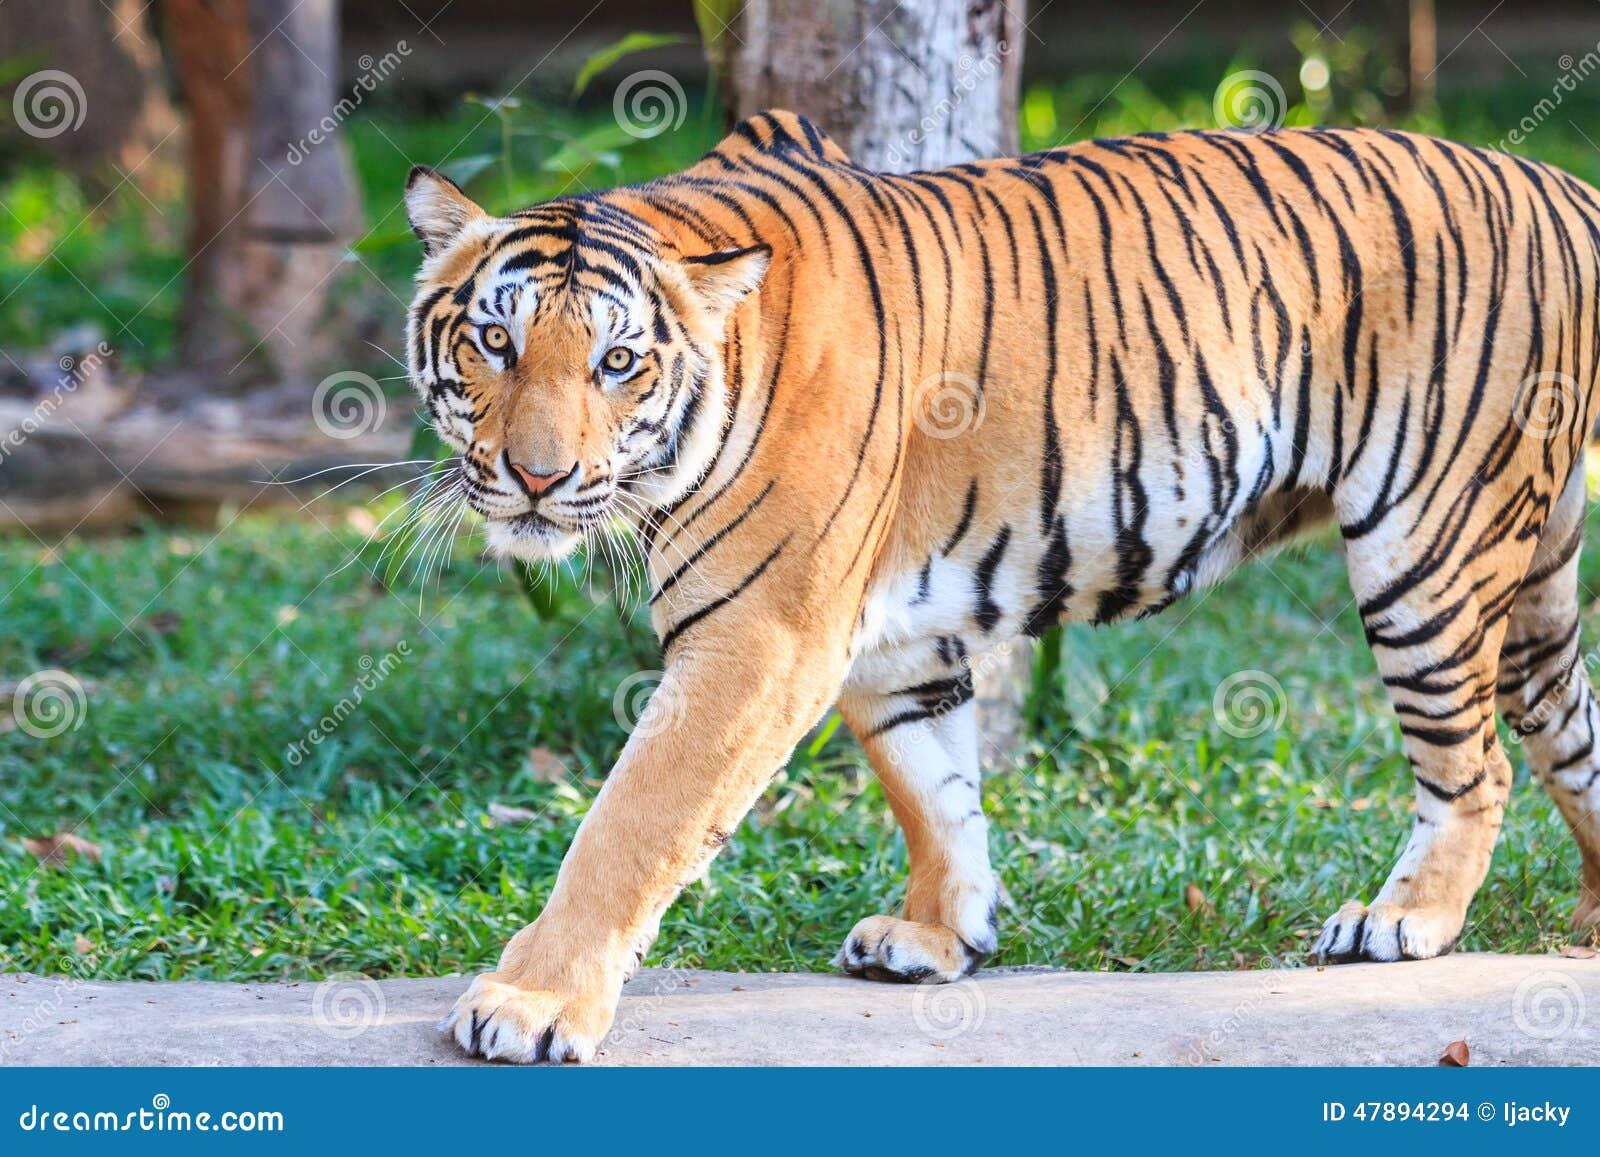 Comptitivit: les tigres asiatiques concurrencent leurs